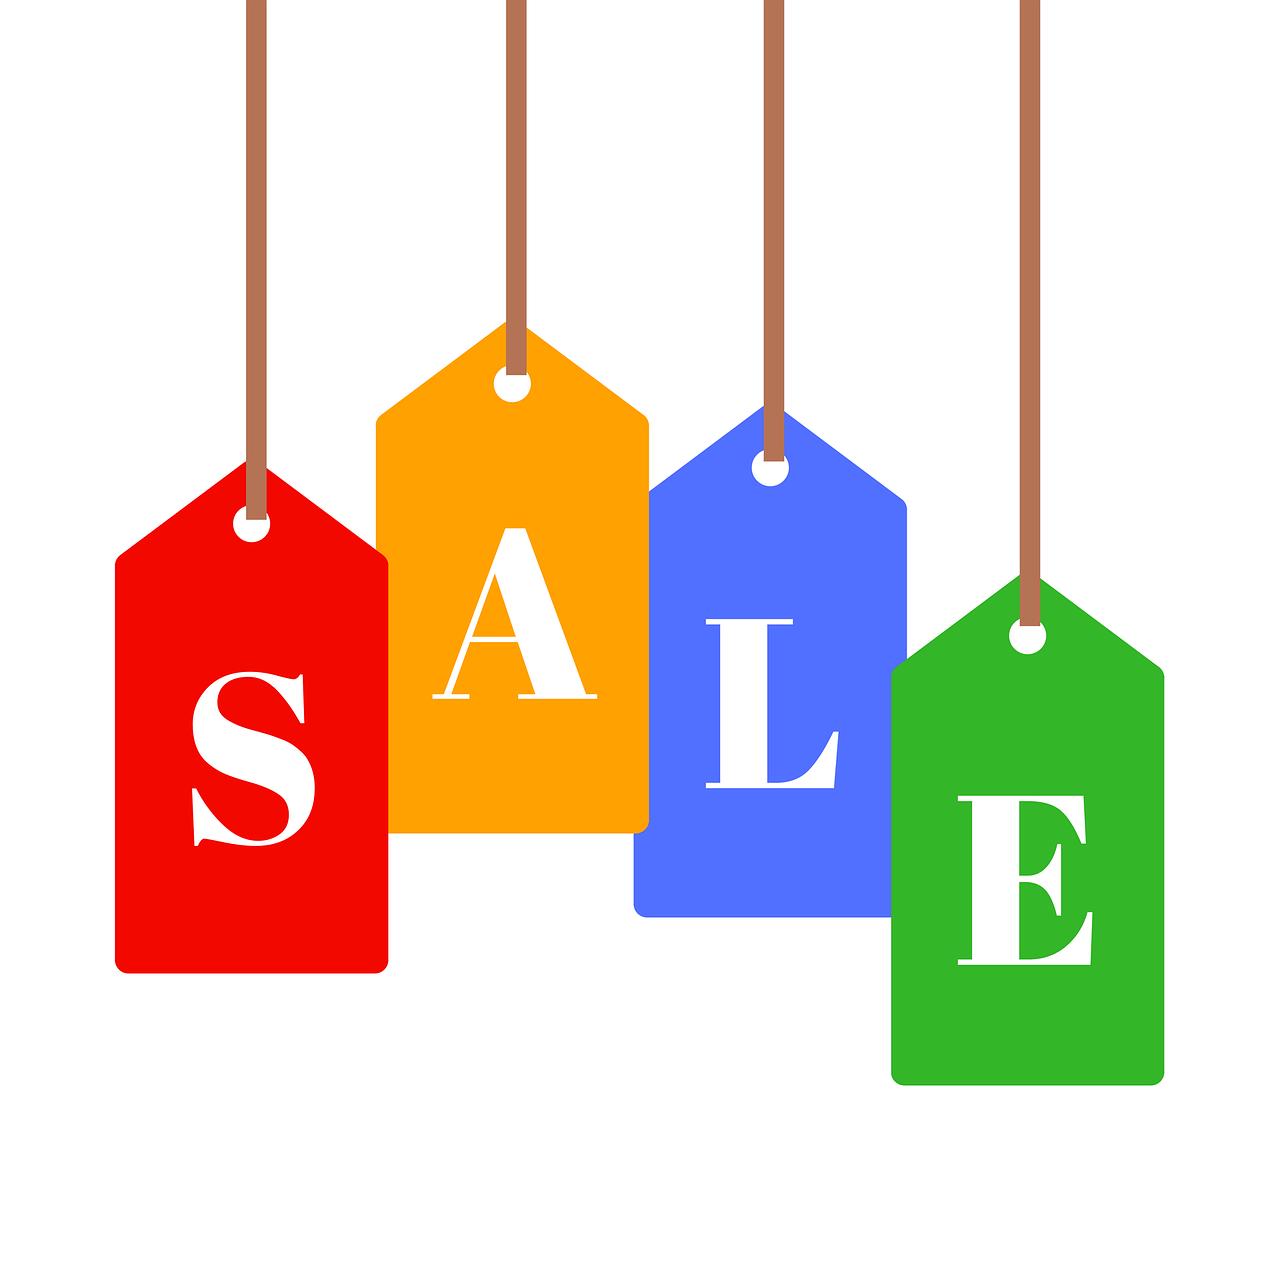 【終了】期間限定2021年10/3まで、最上位プロフェッショナルがレゾナンスの価格で購入できる。